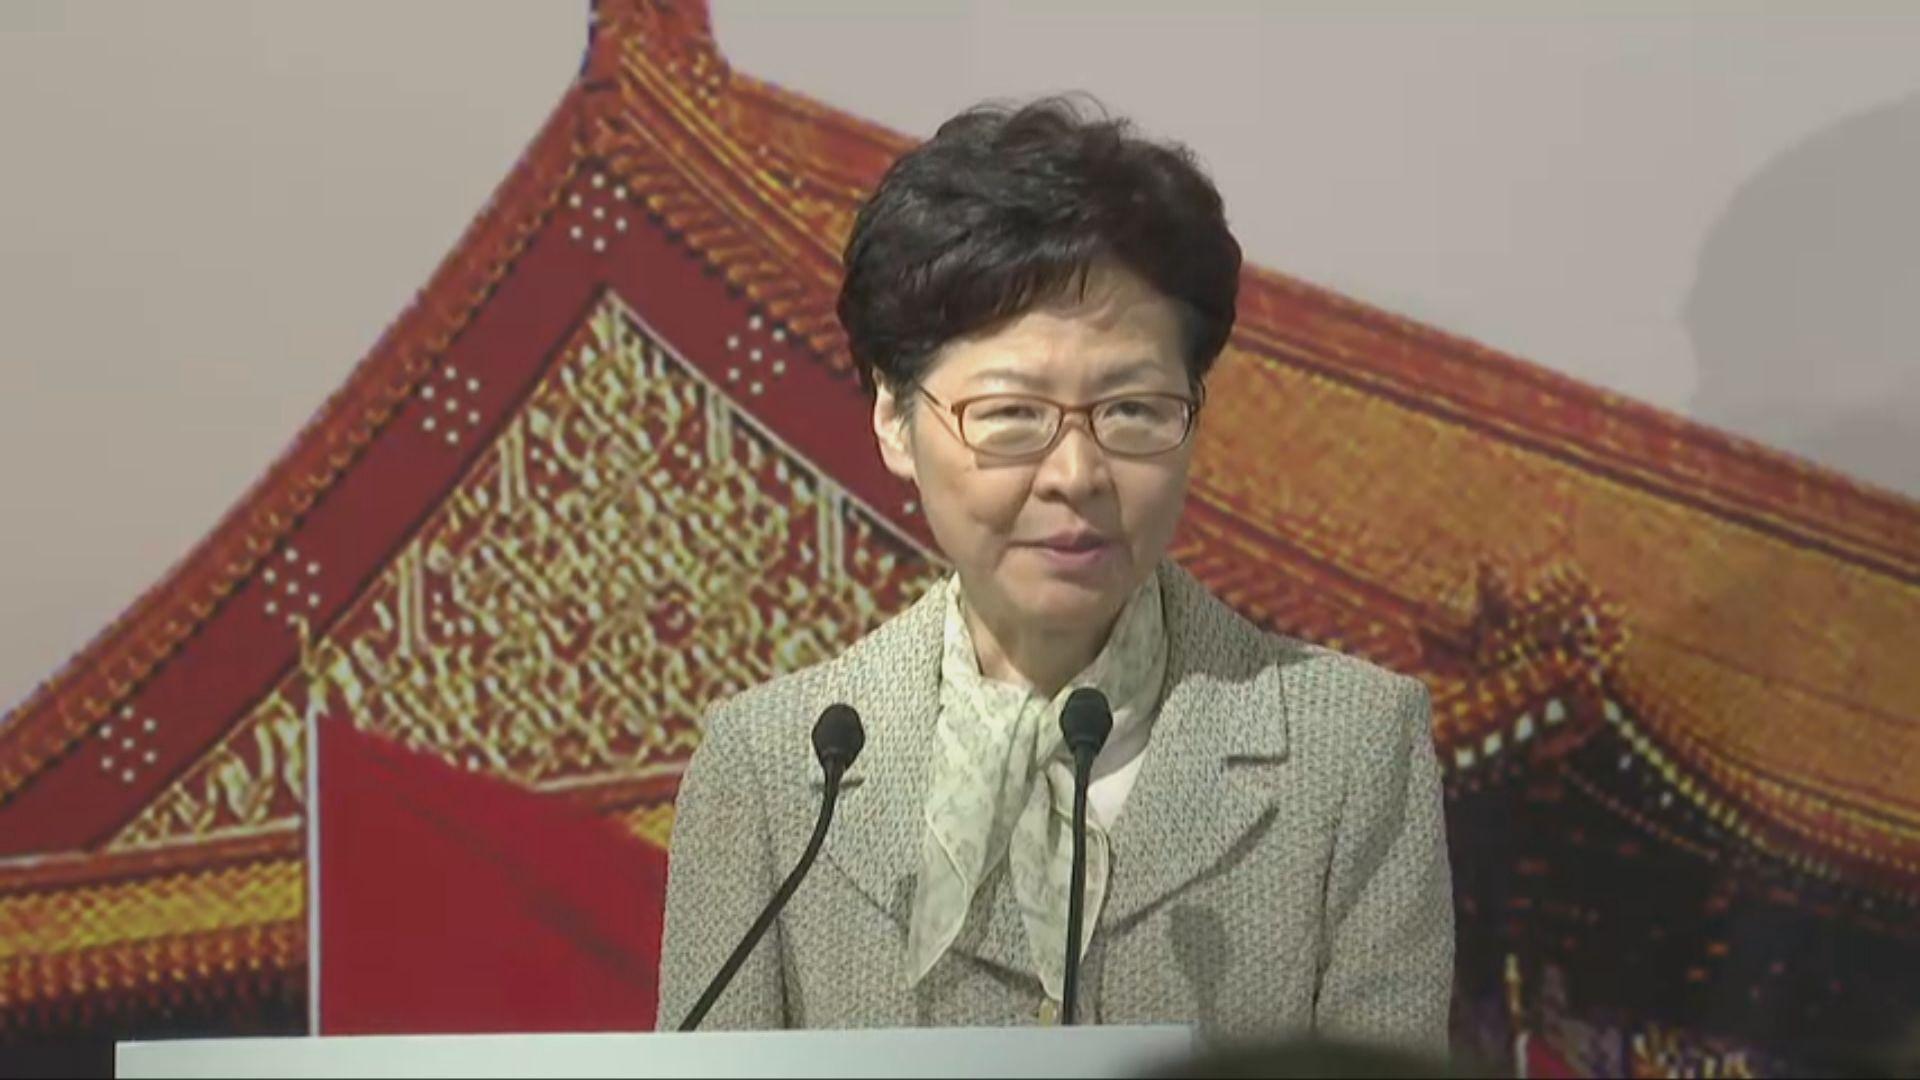 林鄭月娥:相信政府與各方展開對話後可跨過難關